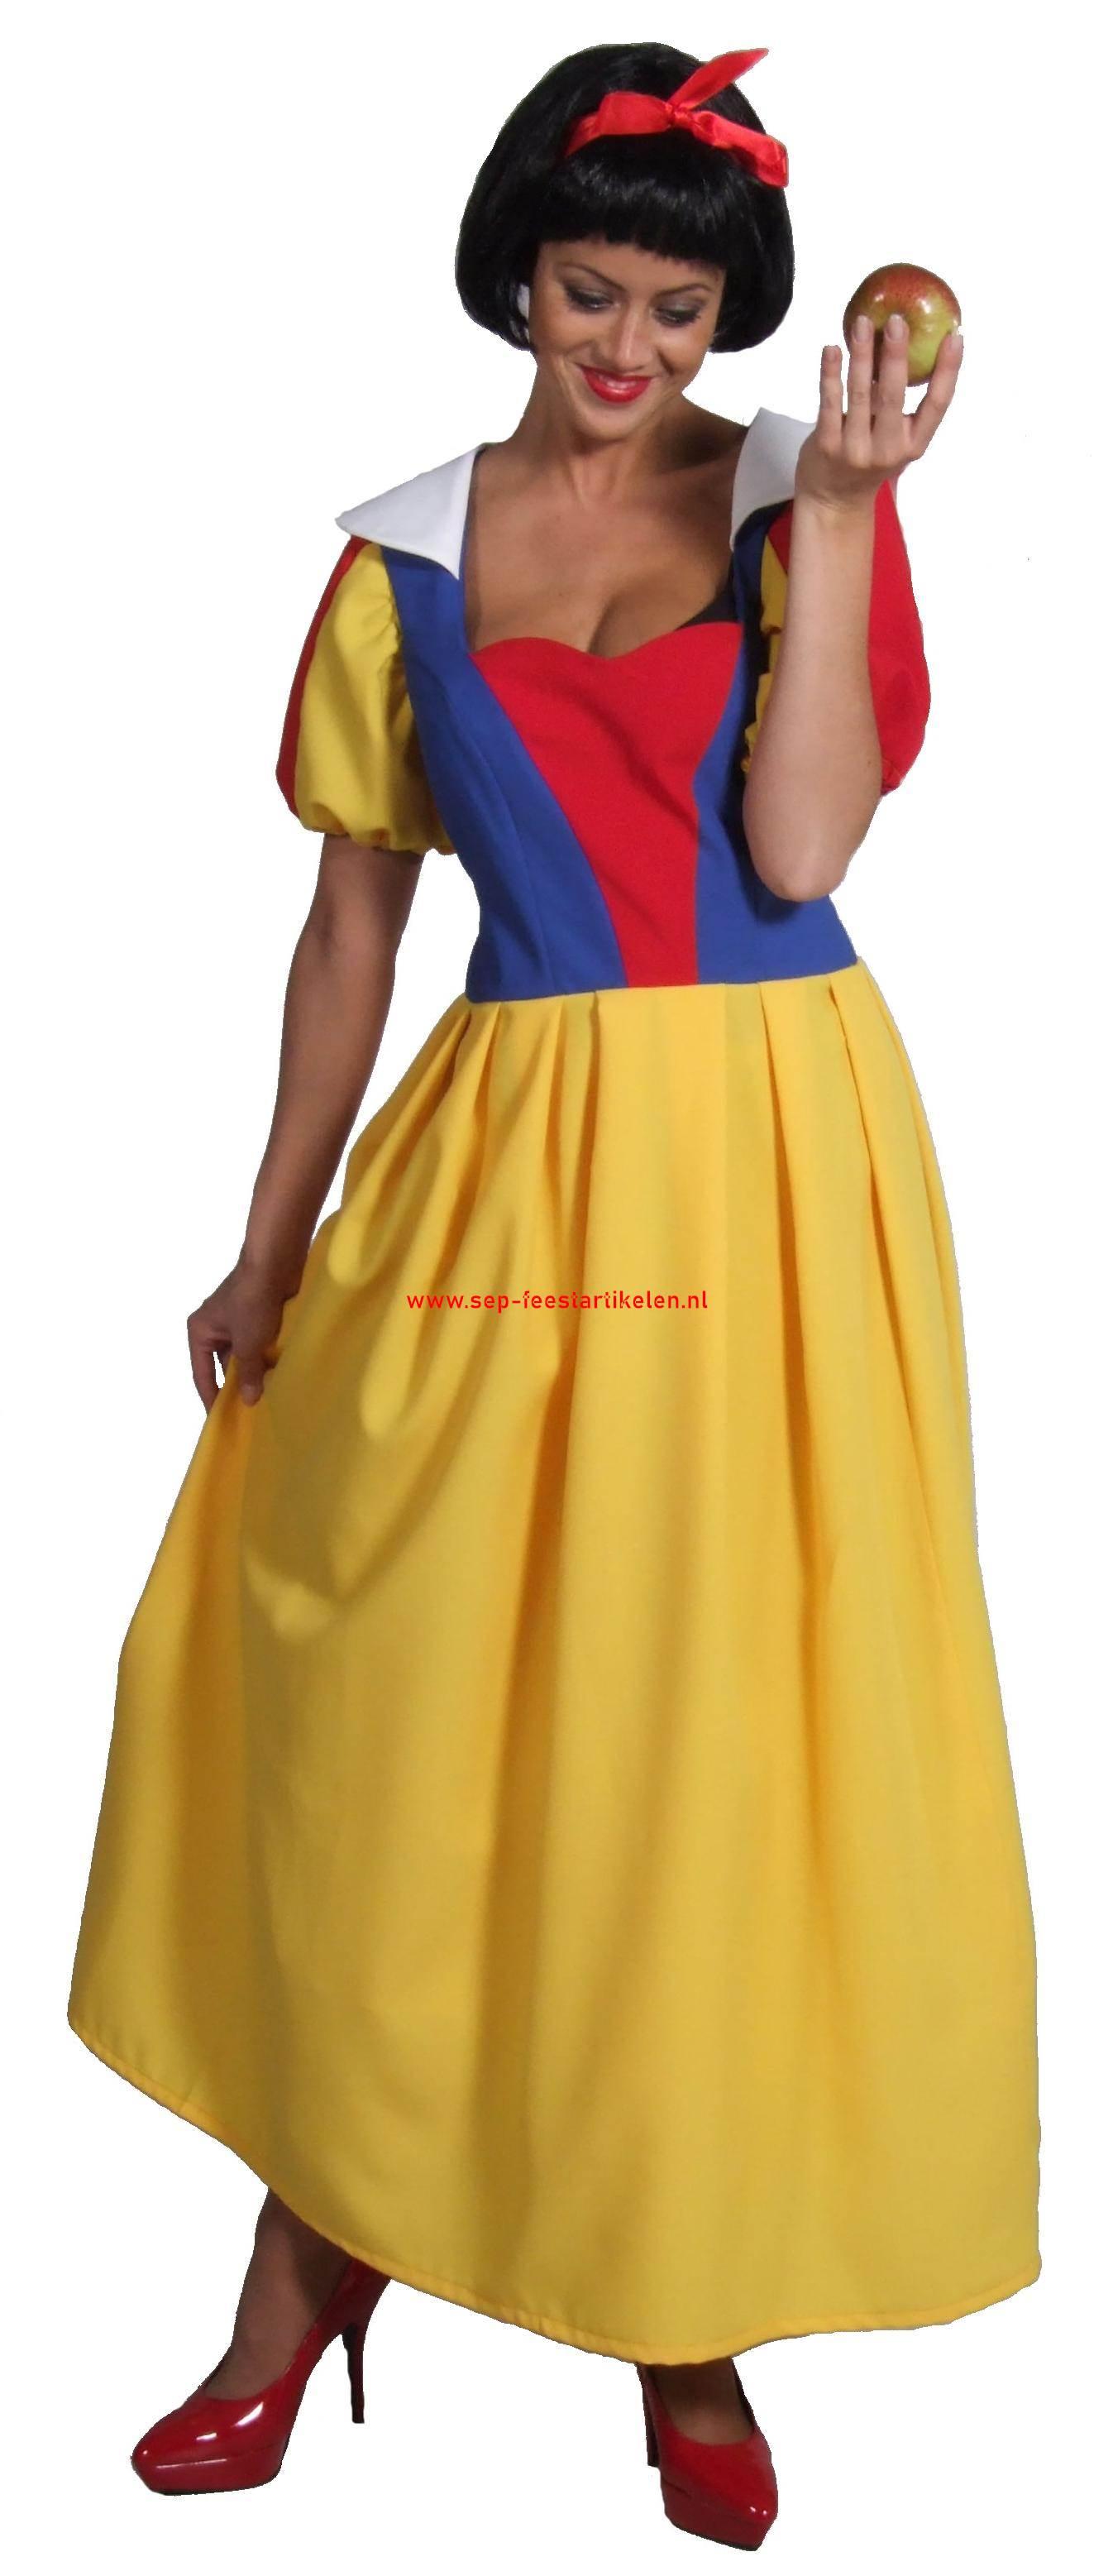 c6415e000a1d3a Sneeuwwitje jurk lang model 1dlg. direct leverbaar! - SEP Feestartikelen